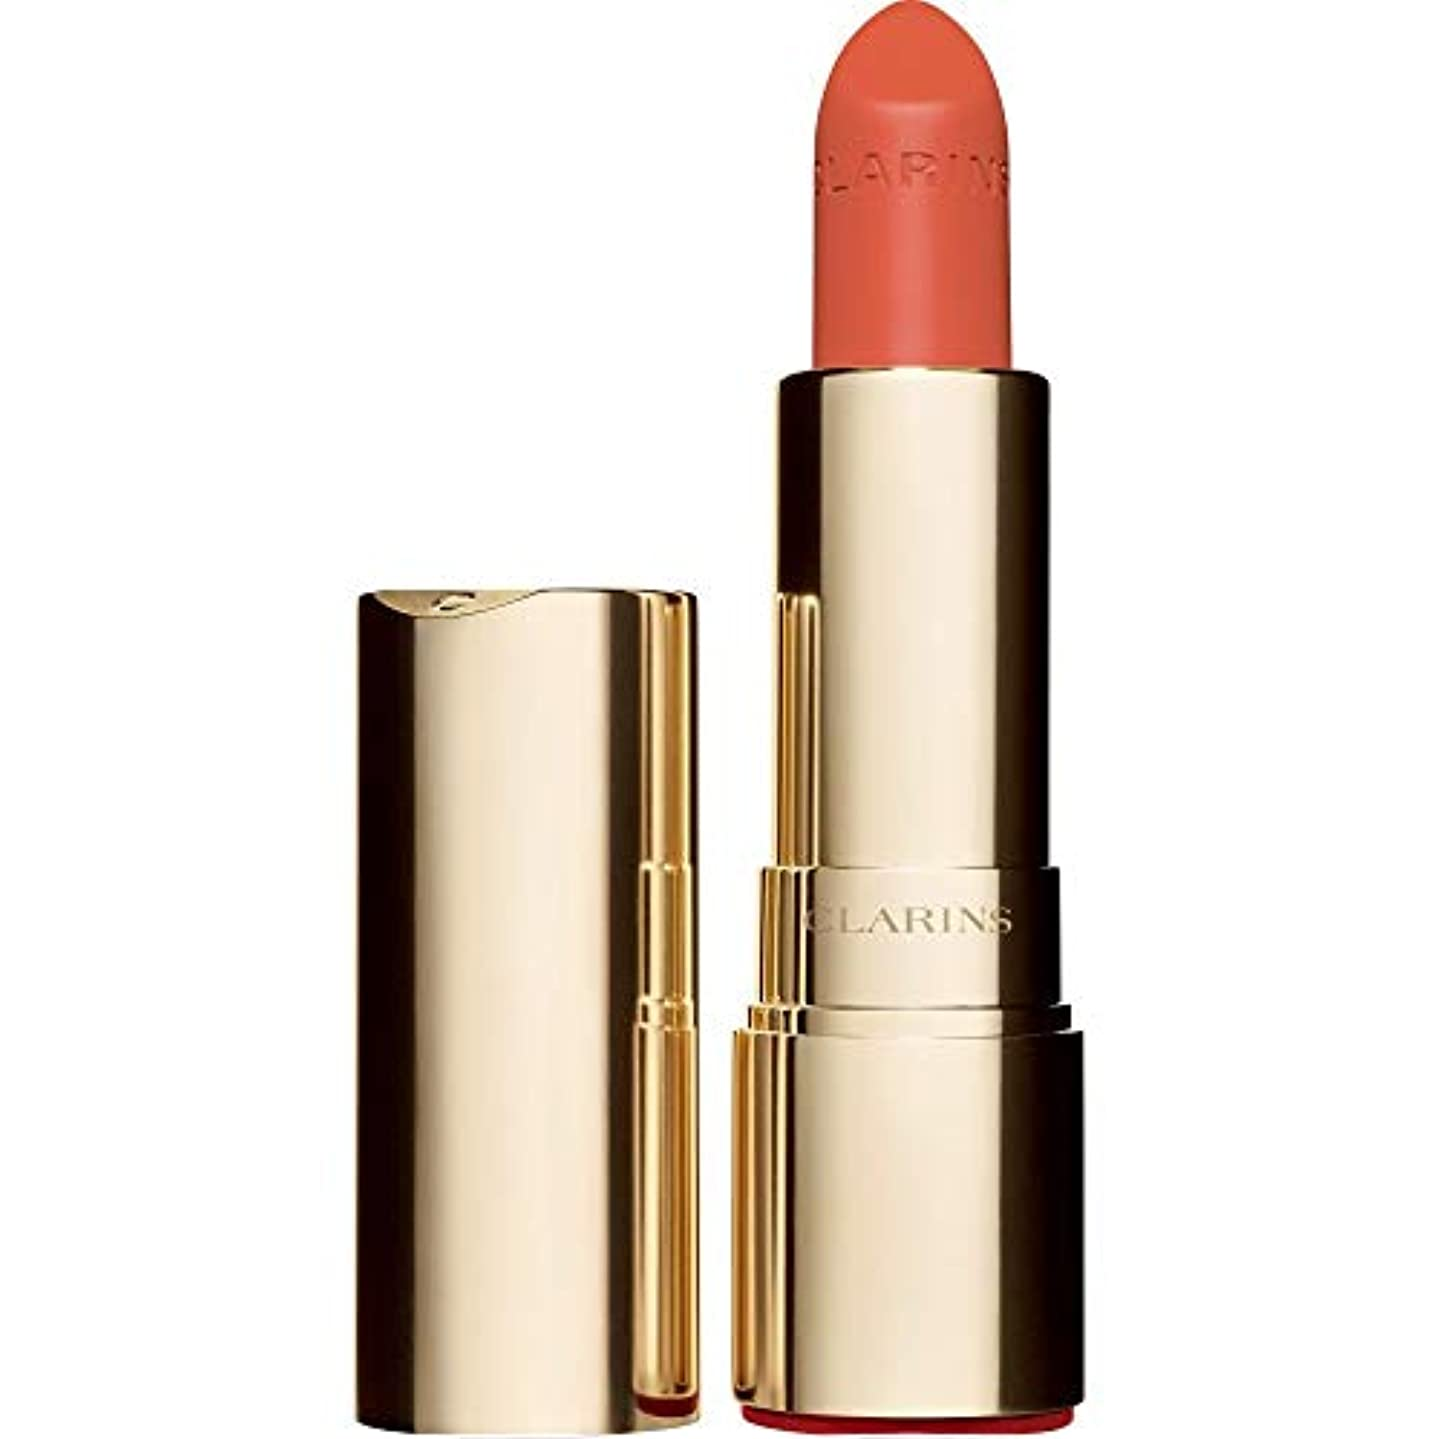 味発掘する壮大[Clarins] クラランスジョリルージュのベルベットの口紅3.5グラムの711V - パパイヤ - Clarins Joli Rouge Velvet Lipstick 3.5g 711V - Papaya [並行輸入品]